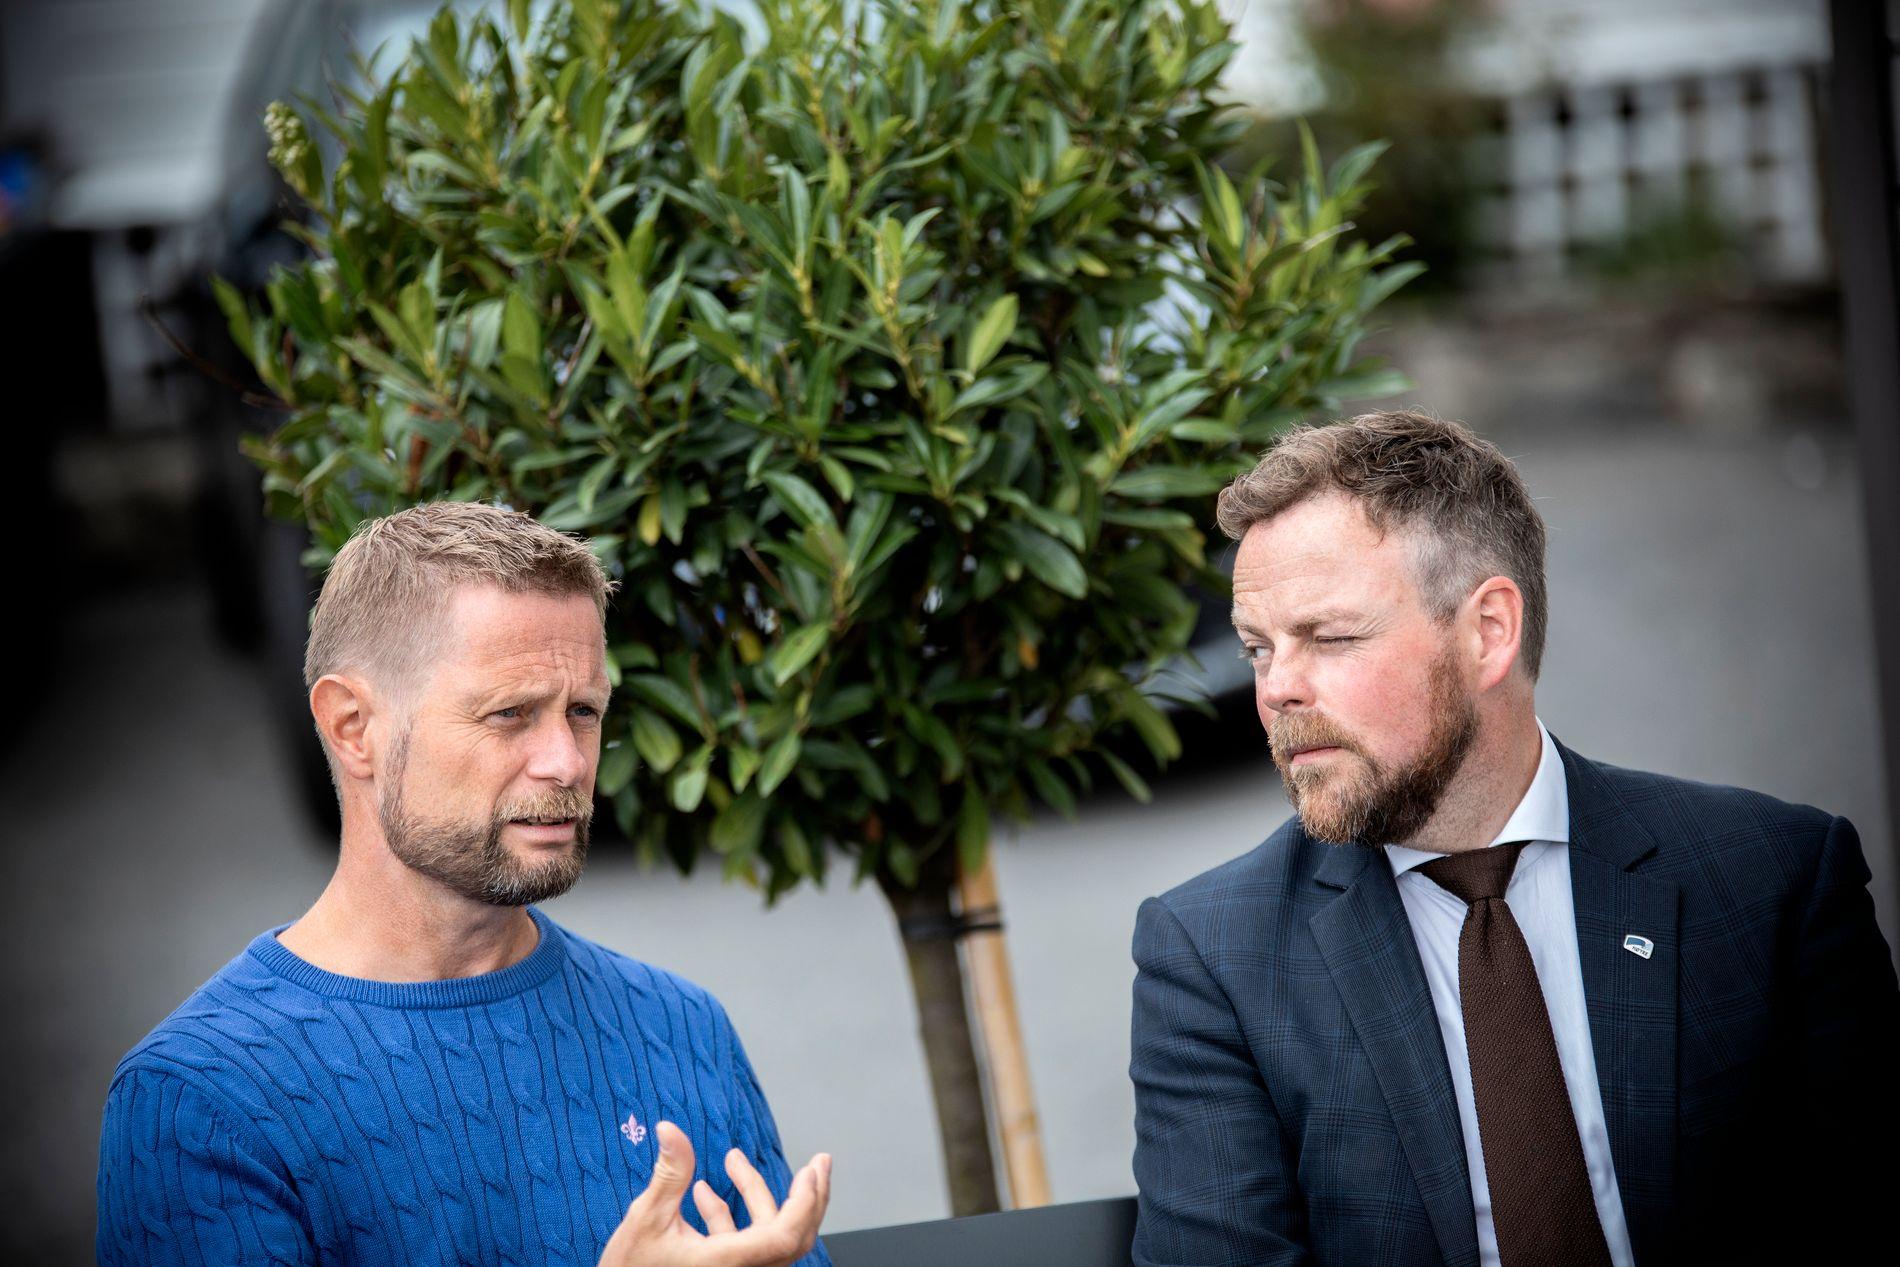 SLAGPLAN: For første gang går Helsedepartementet og Næringsdepartementet sammen om å lage en plan for fremtiden til norske helsevesen. Her er helseminister Bent Høie og næringsminister Torbjørn Røe Isaksen.